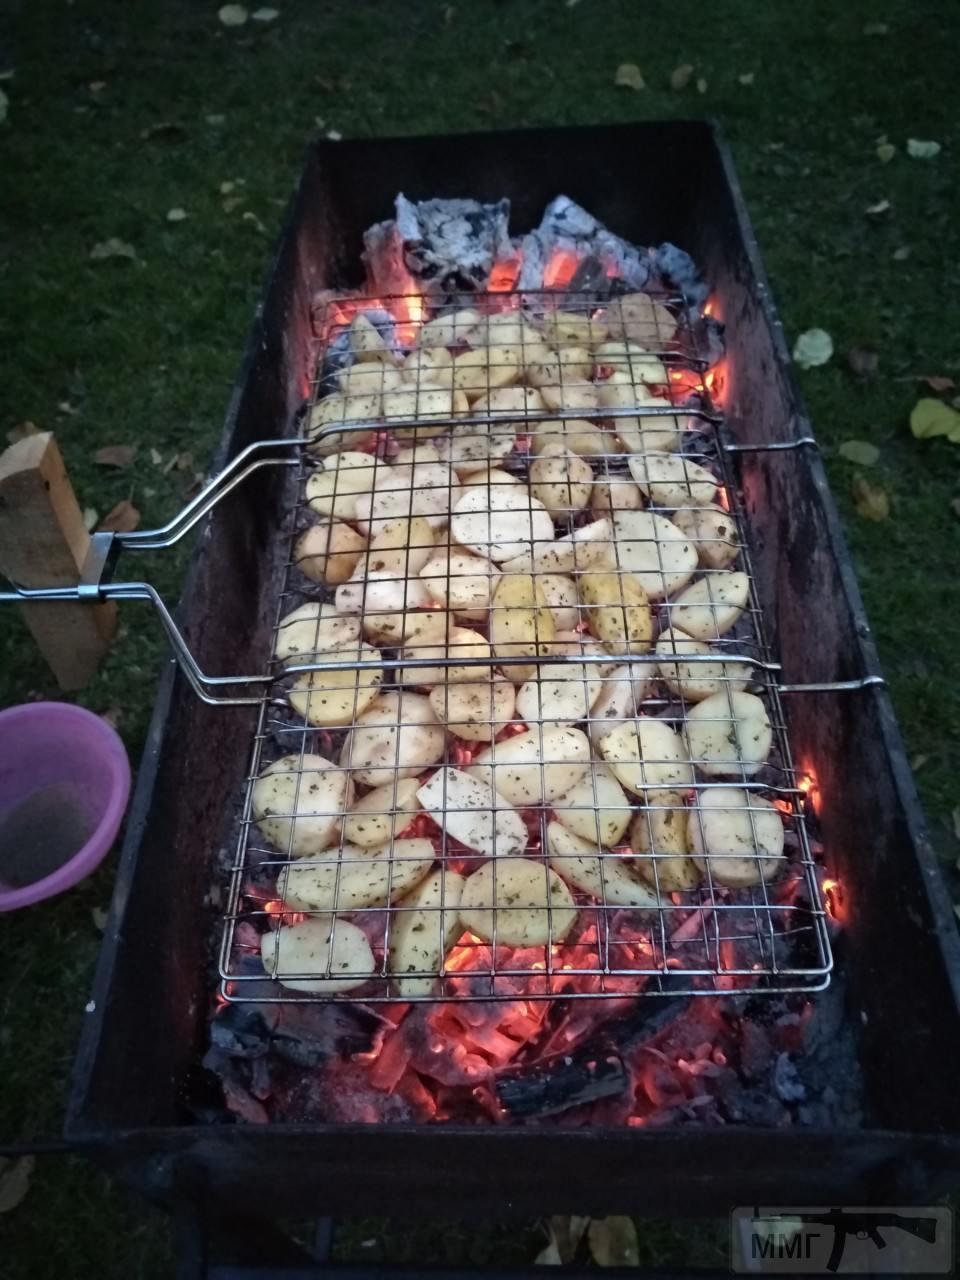 77724 - Закуски на огне (мангал, барбекю и т.д.) и кулинария вообще. Советы и рецепты.